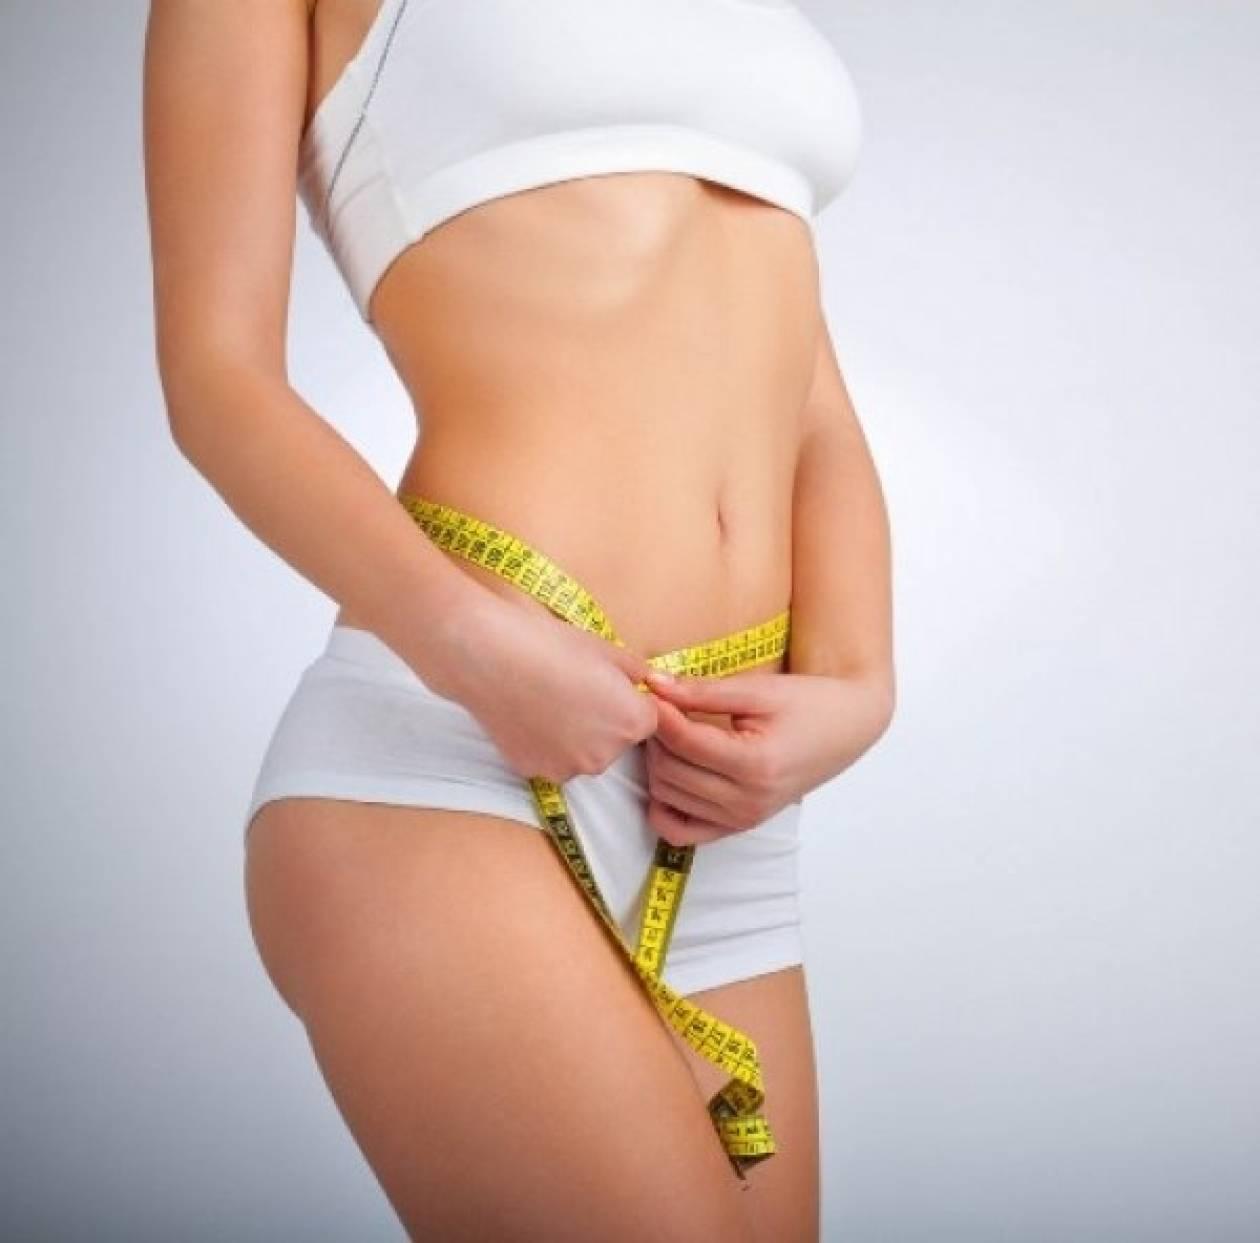 Έκανα δίαιτα αλλά δεν είδα καμιά διαφορά. Πώς μπορώ να χάσω 5-6 κιλά;